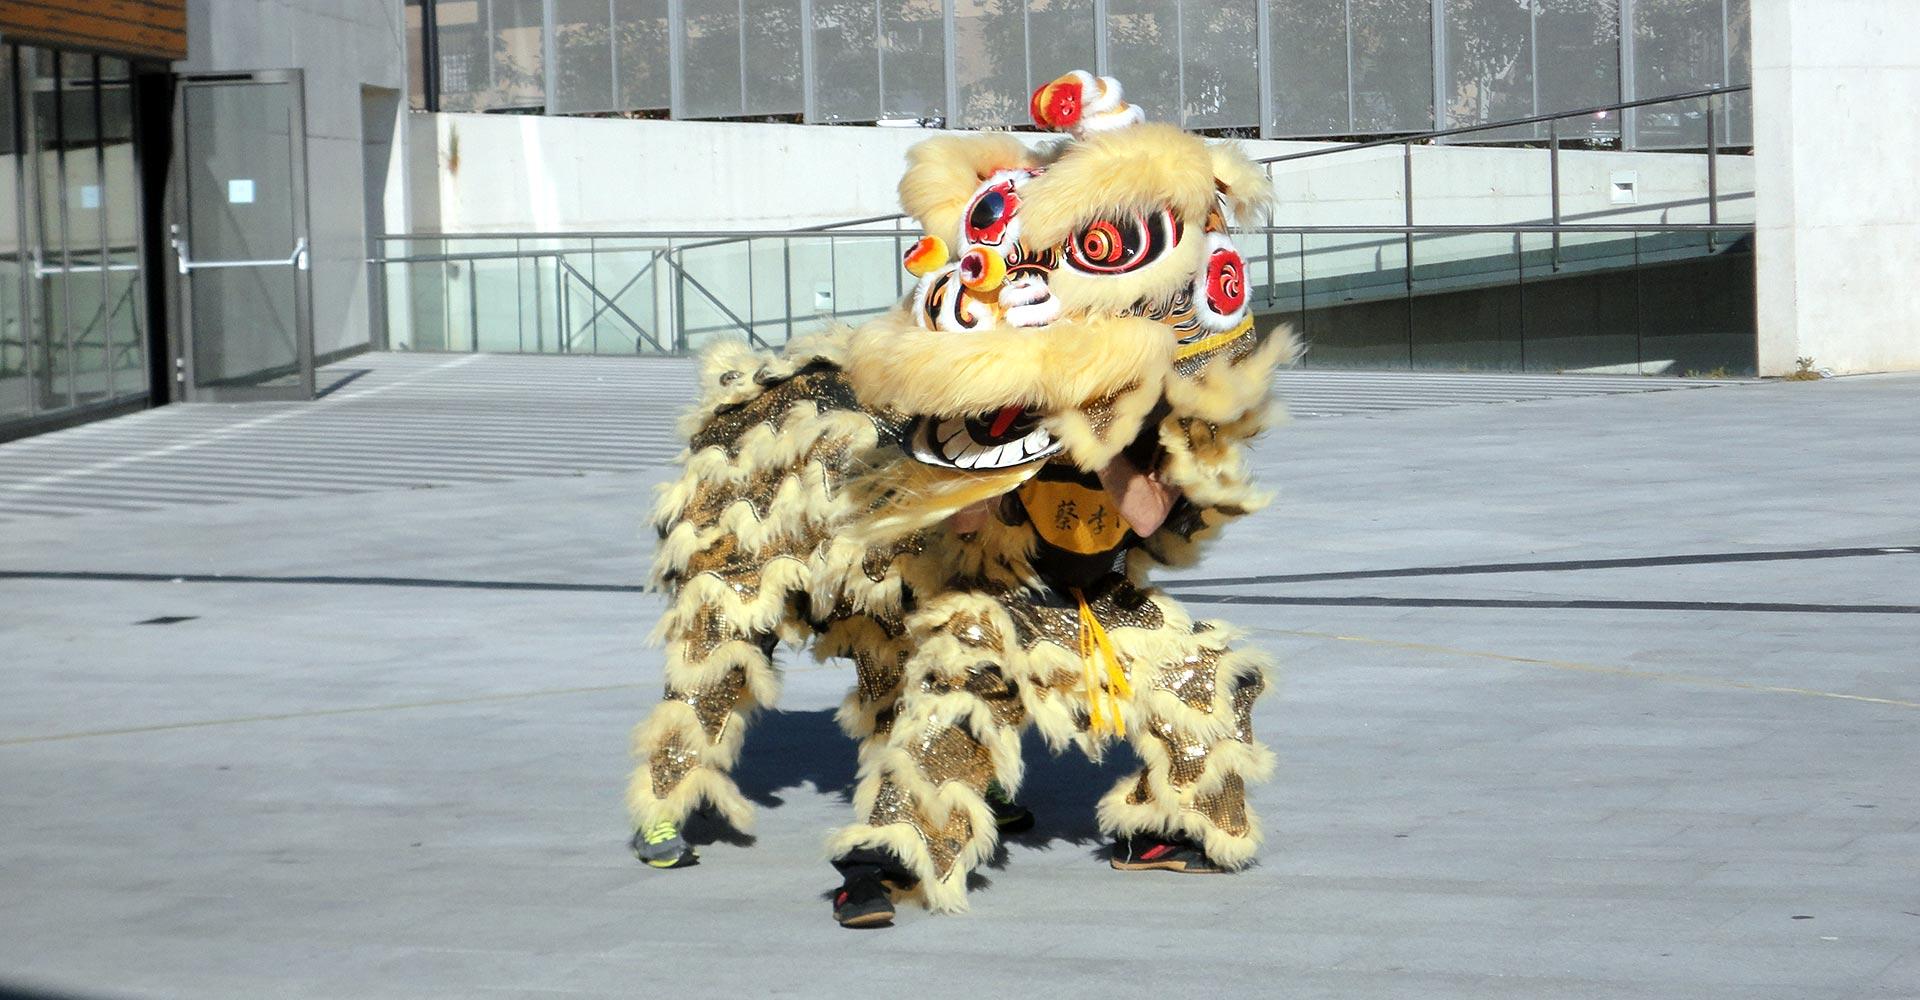 Danza del León - Momento de la Danza del León